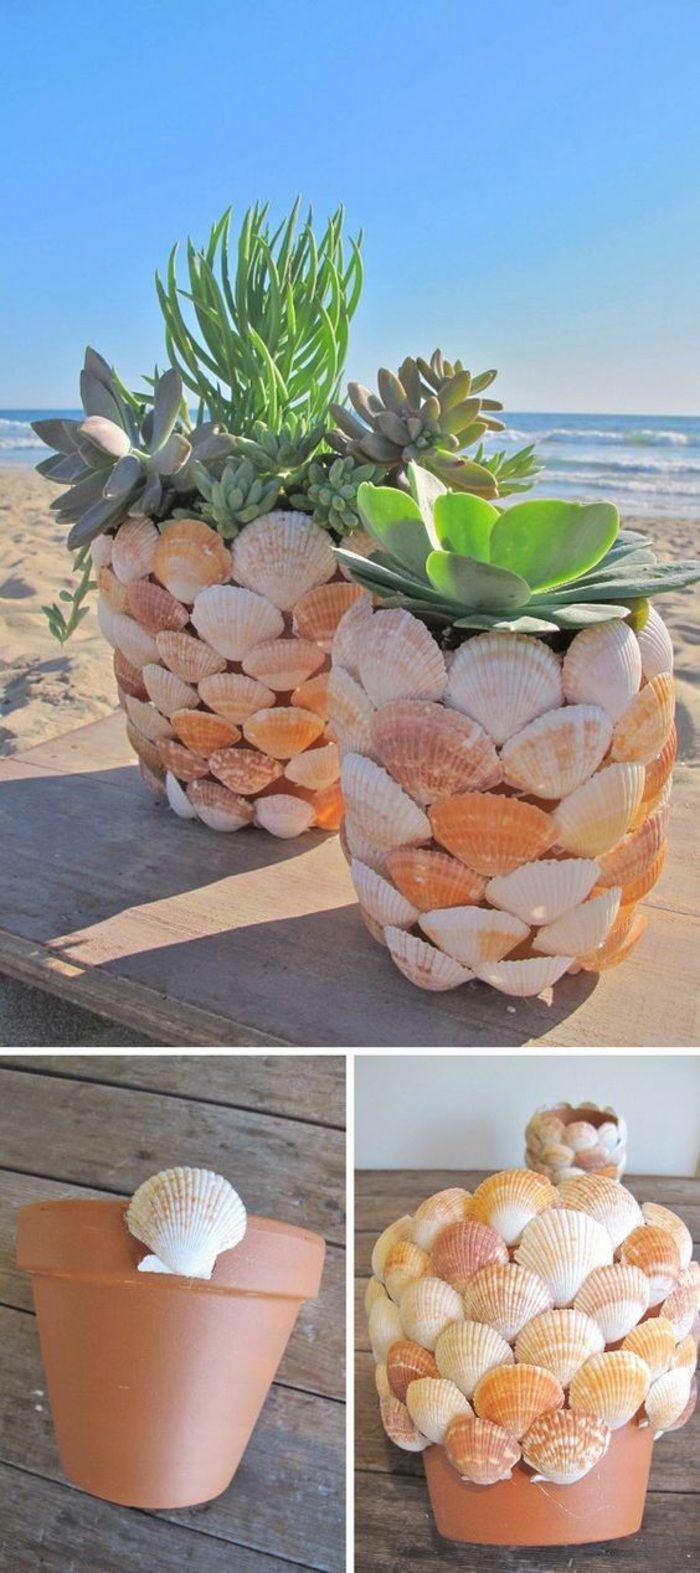 coole bastelideen maritime deko, blumentöpfe mit muscheln verzieren, pflanzen, meer